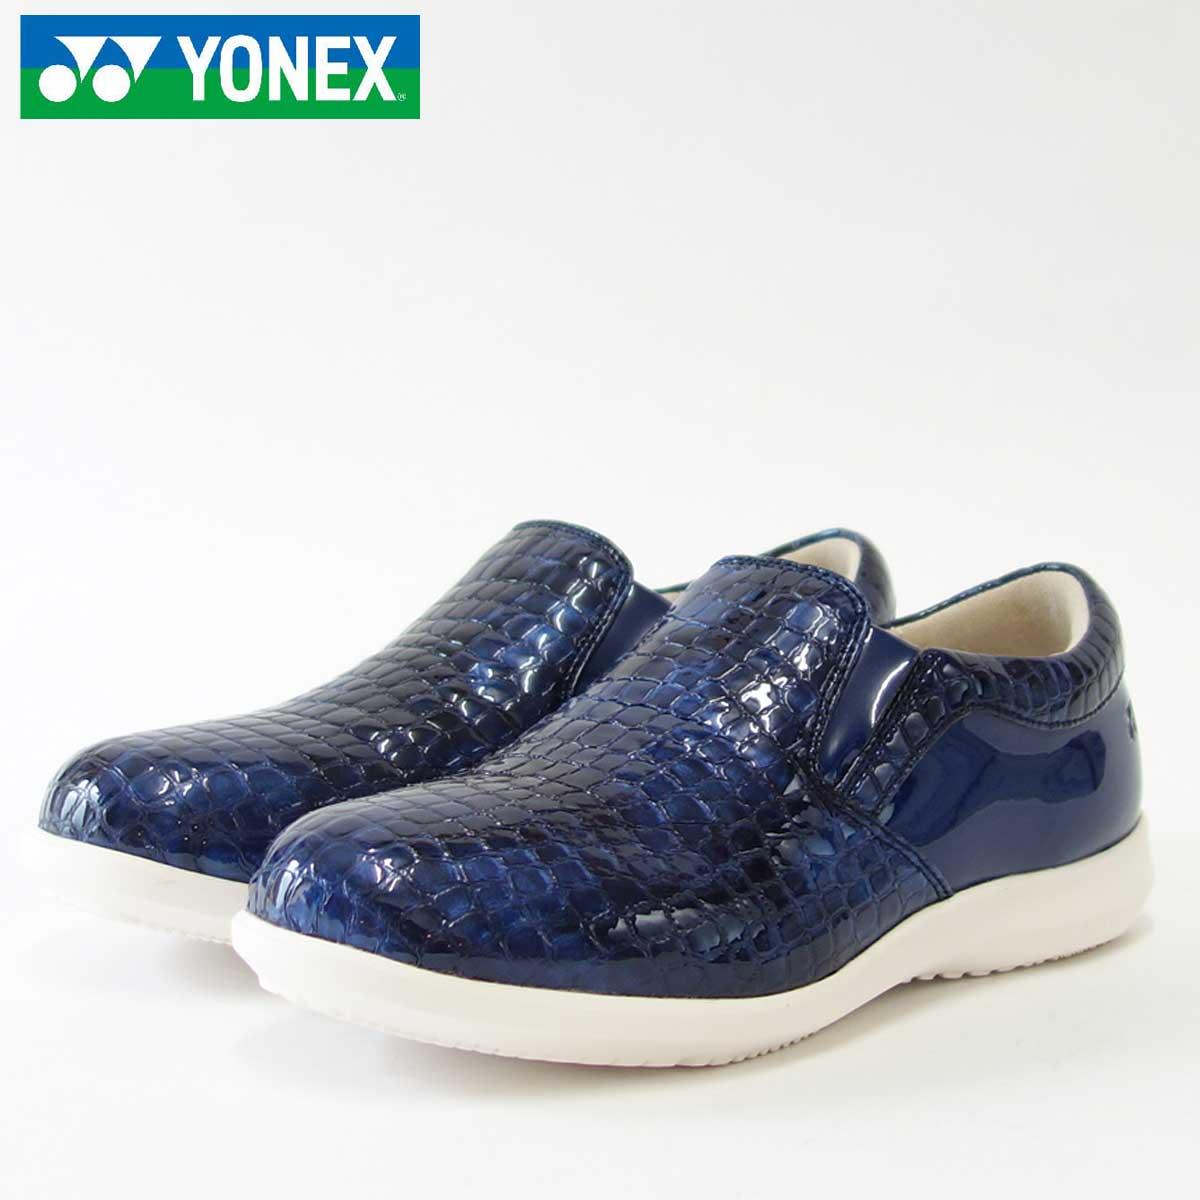 YONEX ヨネックス LC91 クロコダイルブルー (レディース)軽い疲れにくいウォーキングシューズ「靴」